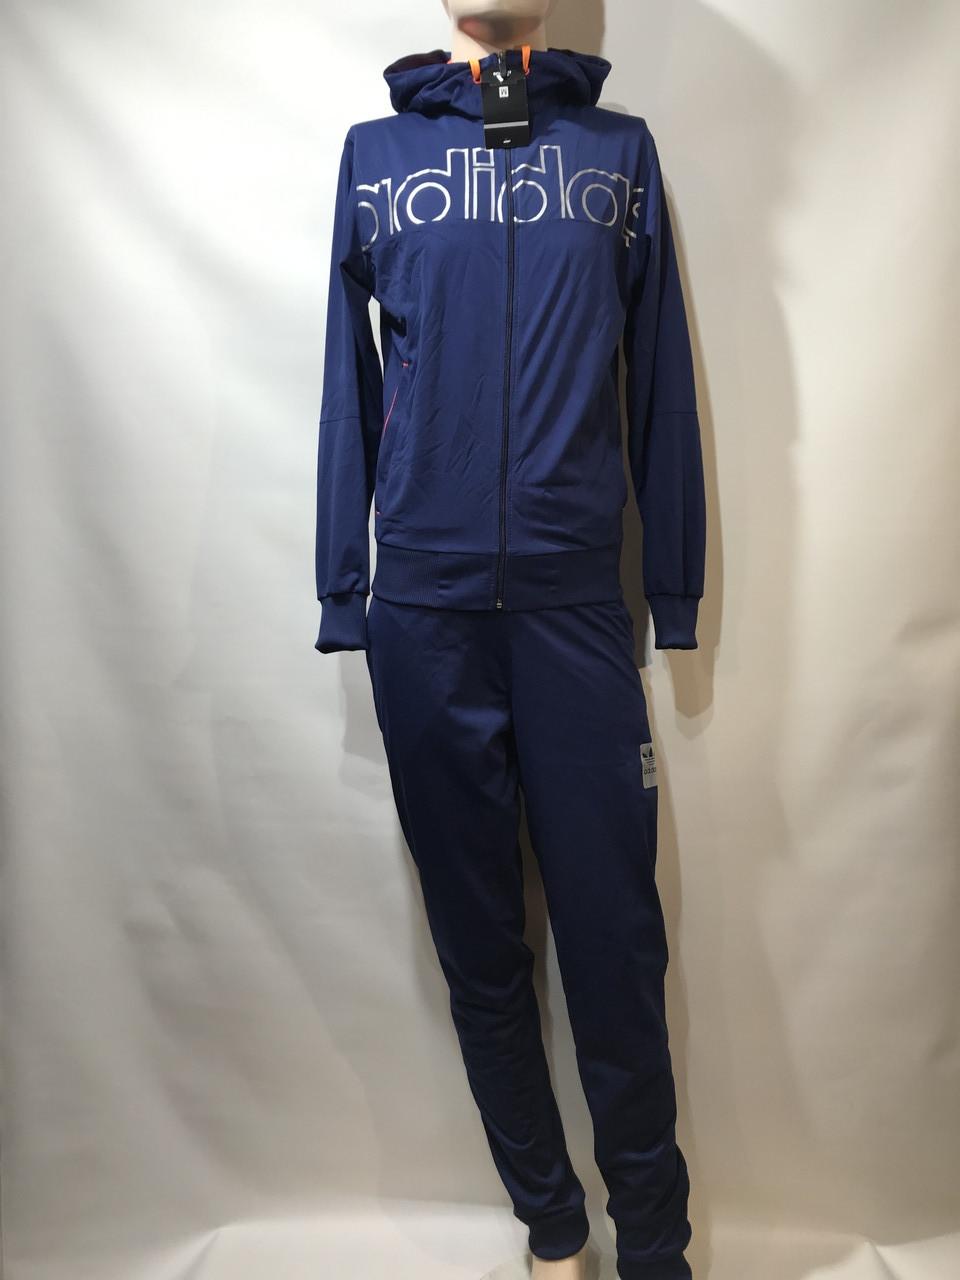 Мужской спортивный костюм Adidas реплика адидас синий